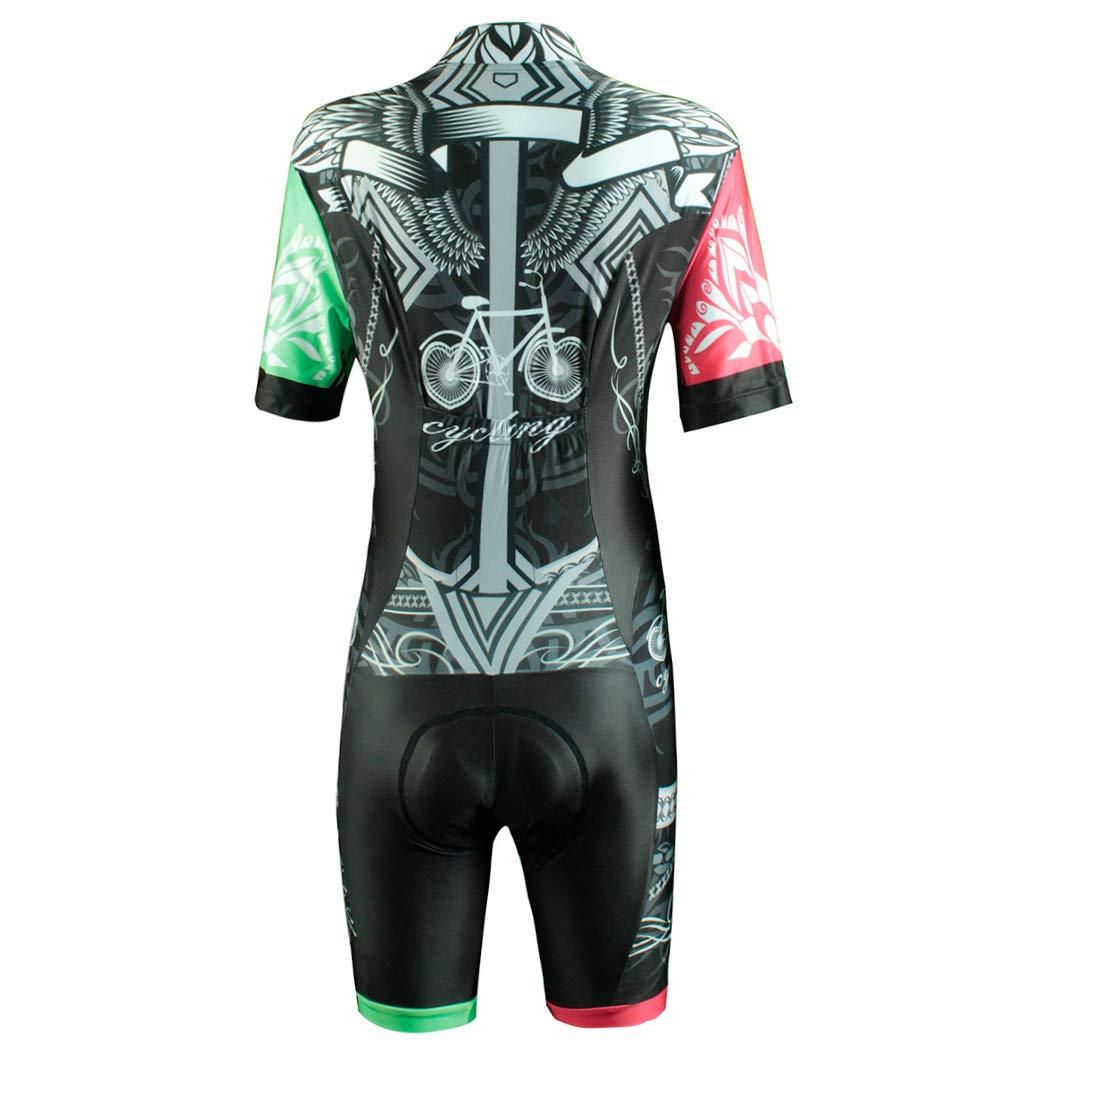 GWELL Damen Triathlonanzug Triathlon Trisuit Kompression Einteiler Duathlon Laufen Schwimmen Fahrradfahren Wettkampfanzug